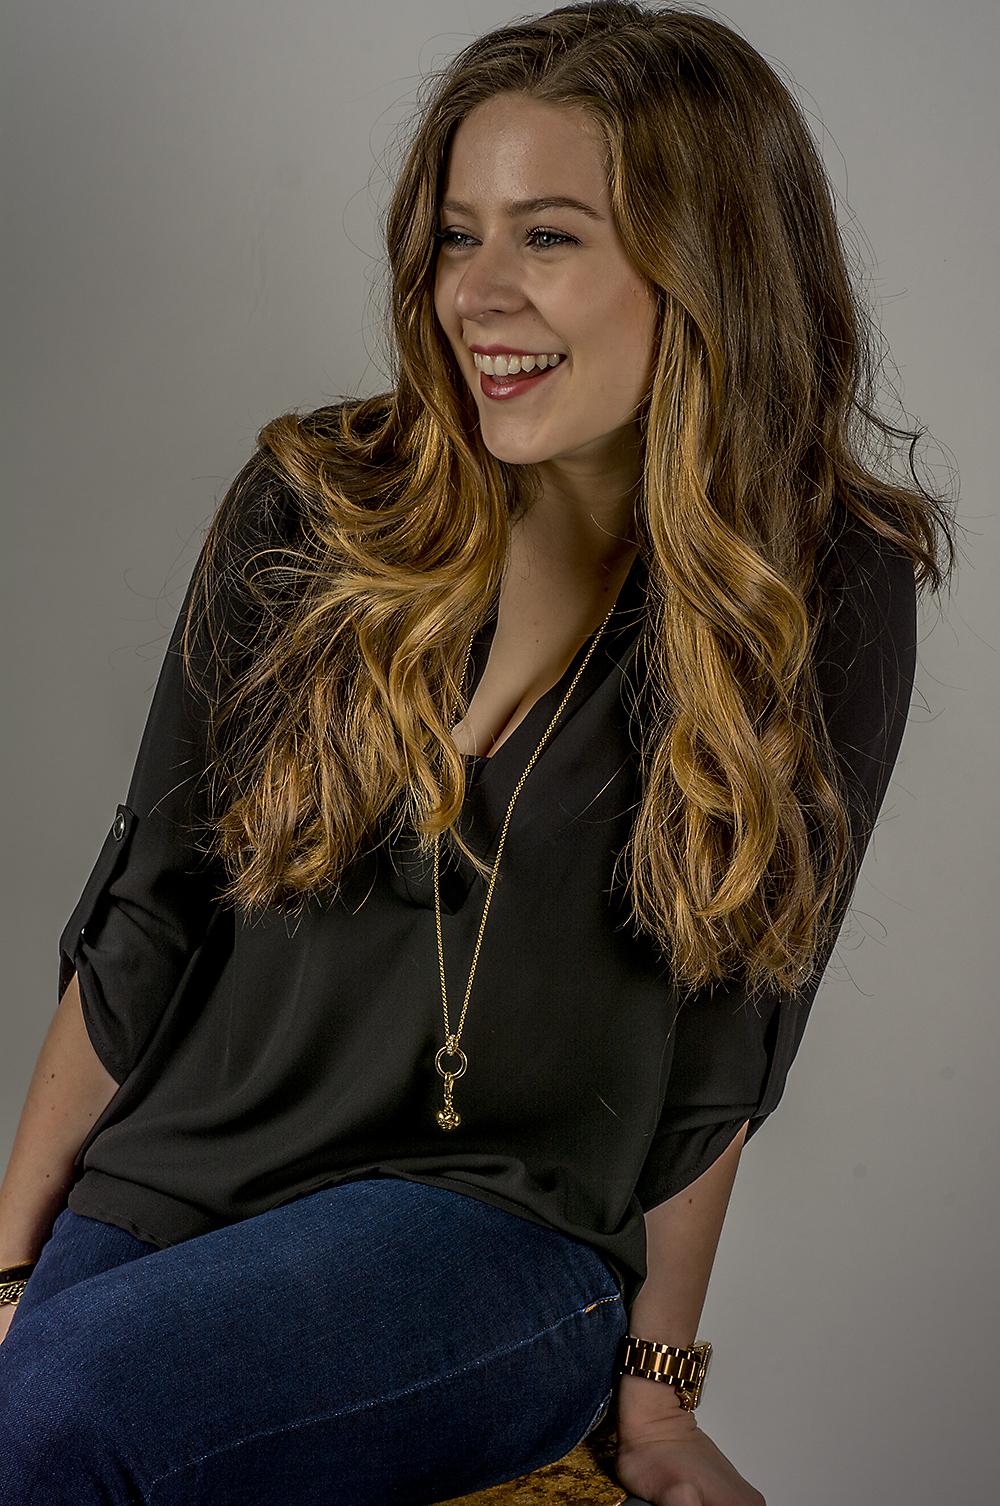 Allison Graaff